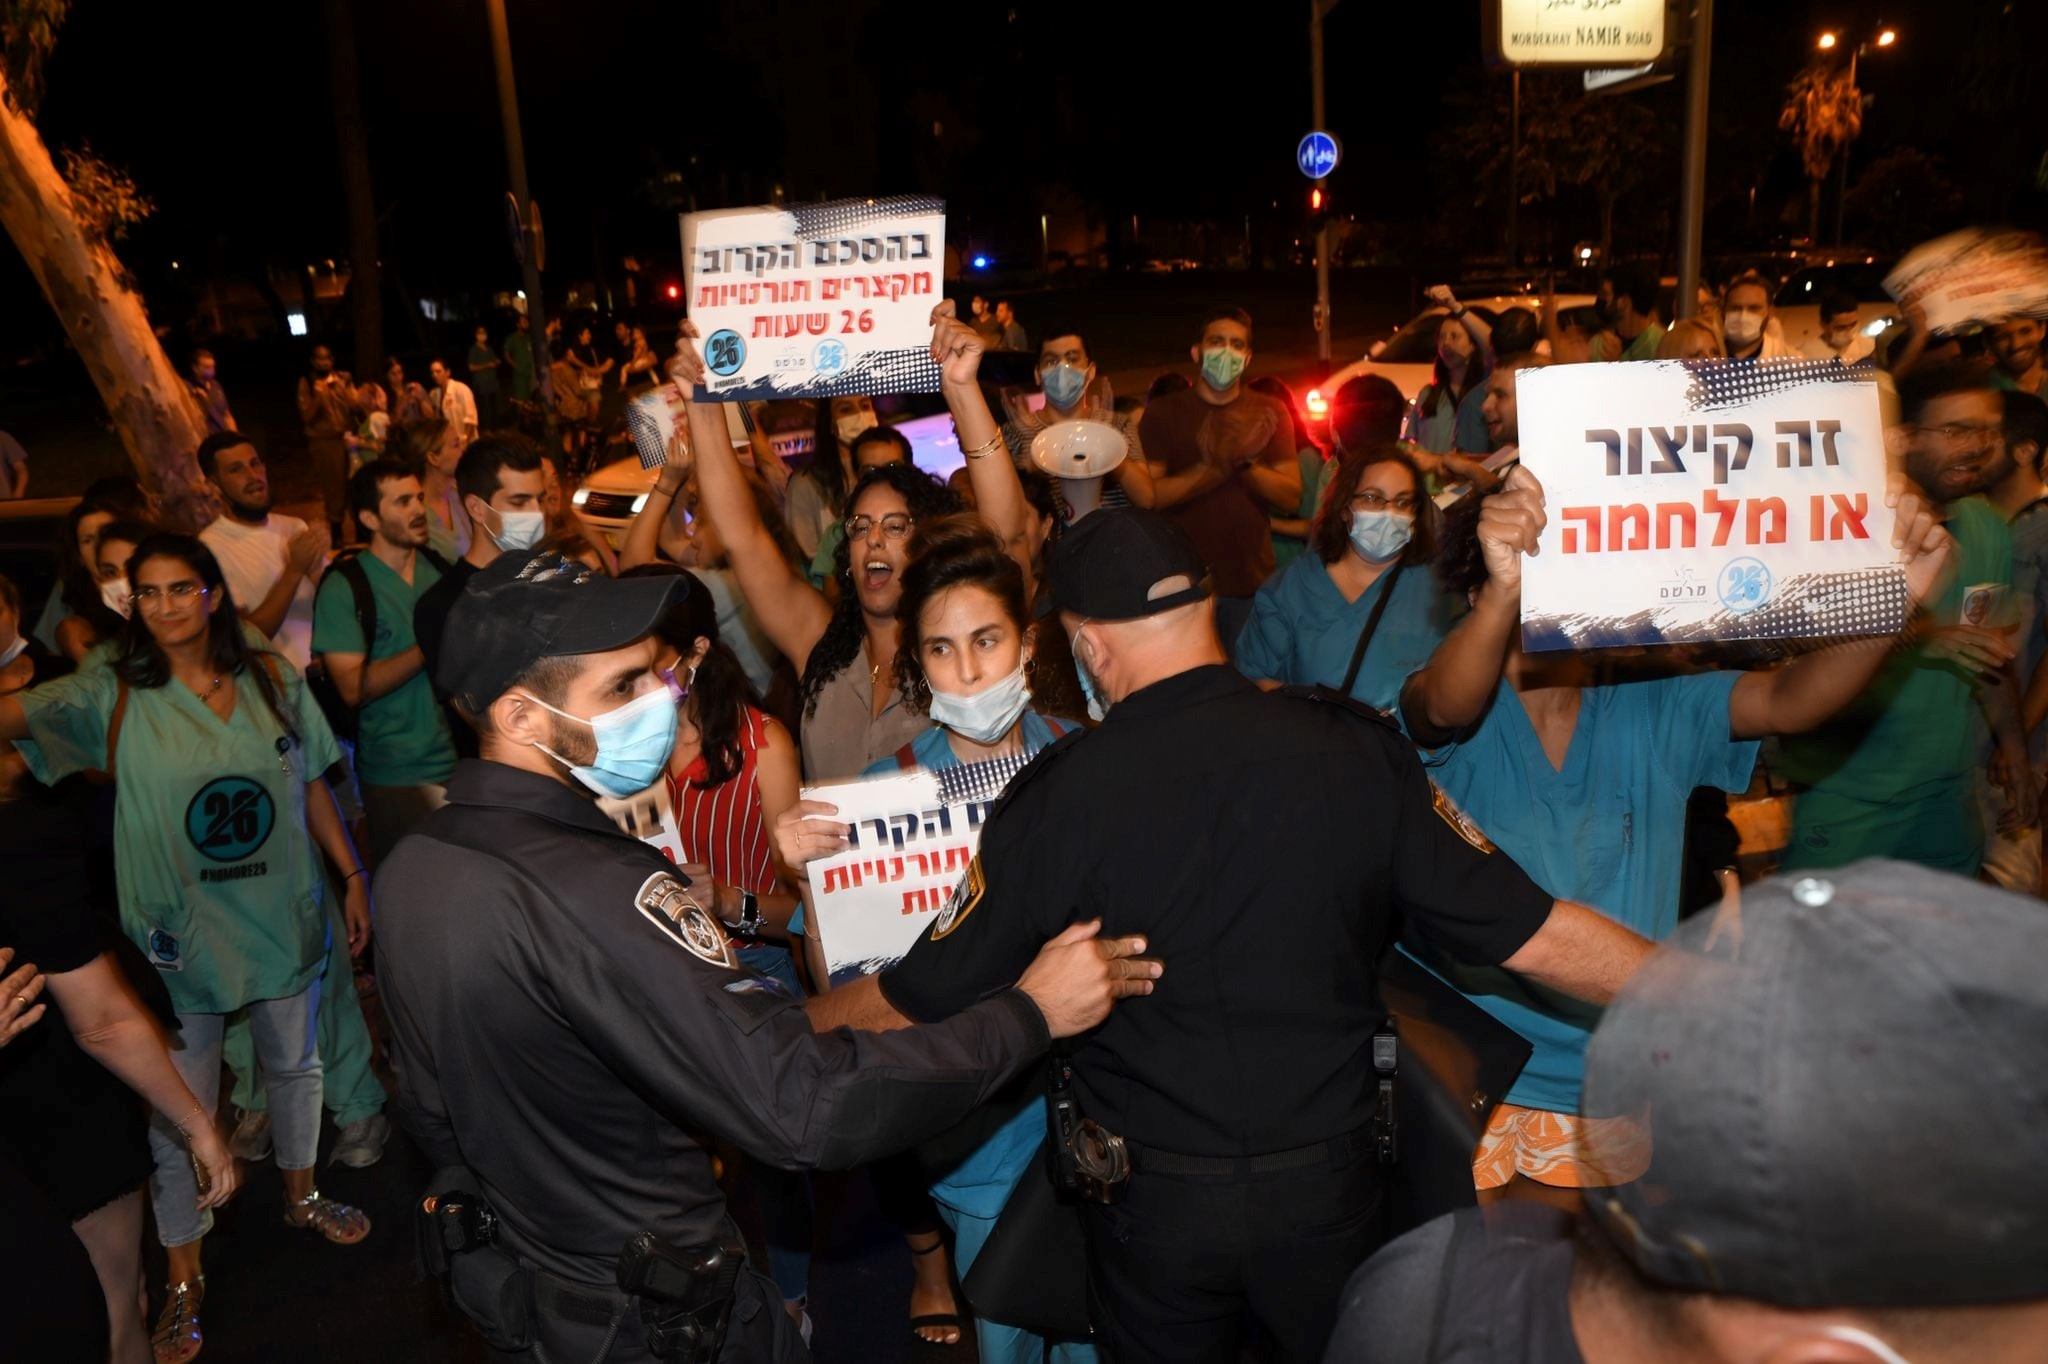 שרת הכלכלה פרסמה מתווה לקיצור תורנויות; המתמחים יפגינו מול הכנסת